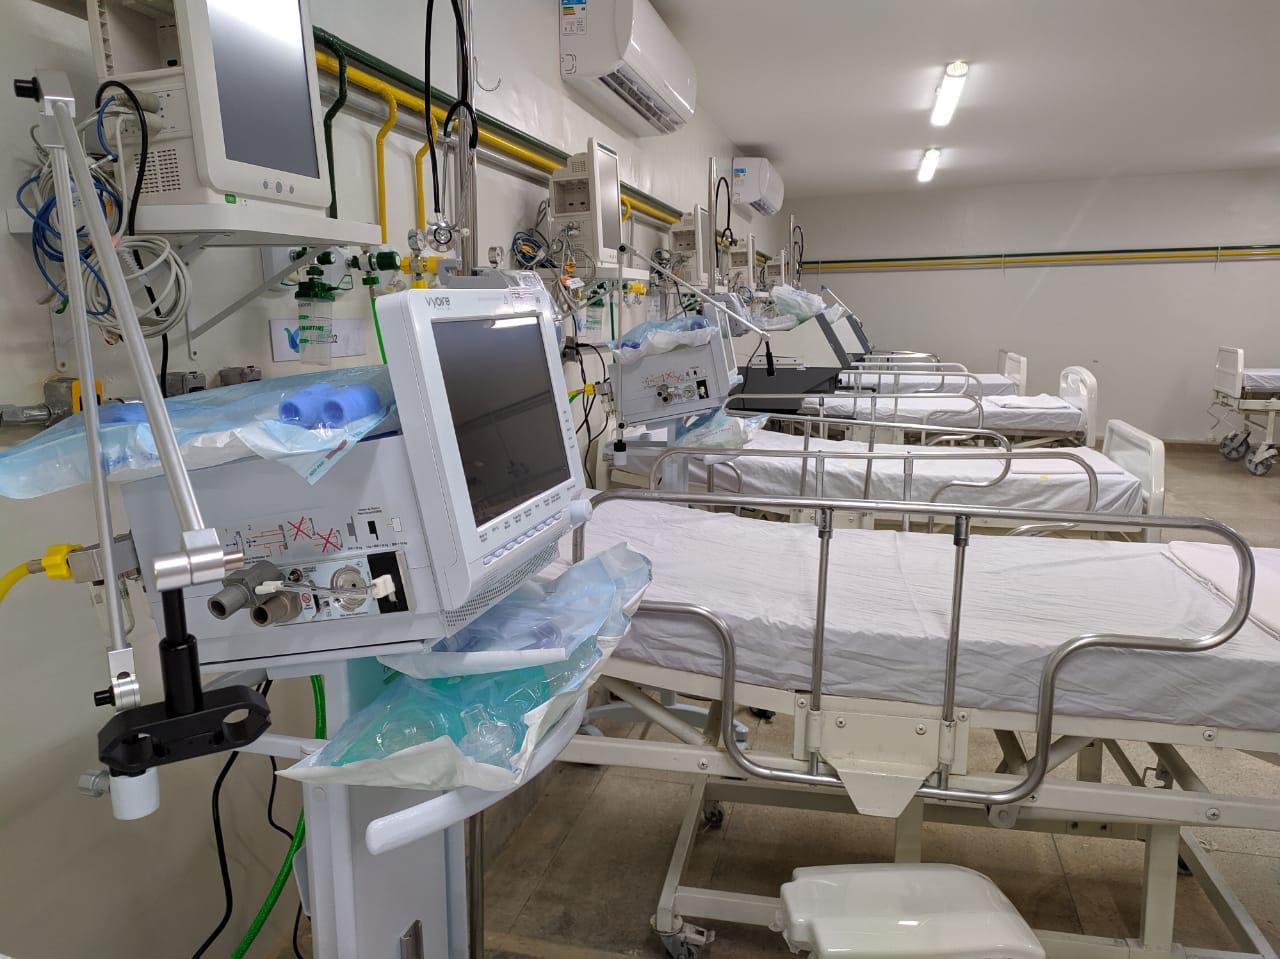 leitos no hospital prontovida joao pessoa pb covid coronavirus - Ocupação de leitos de UTI cai para 59% em João Pessoa e 43% em Campina Grande